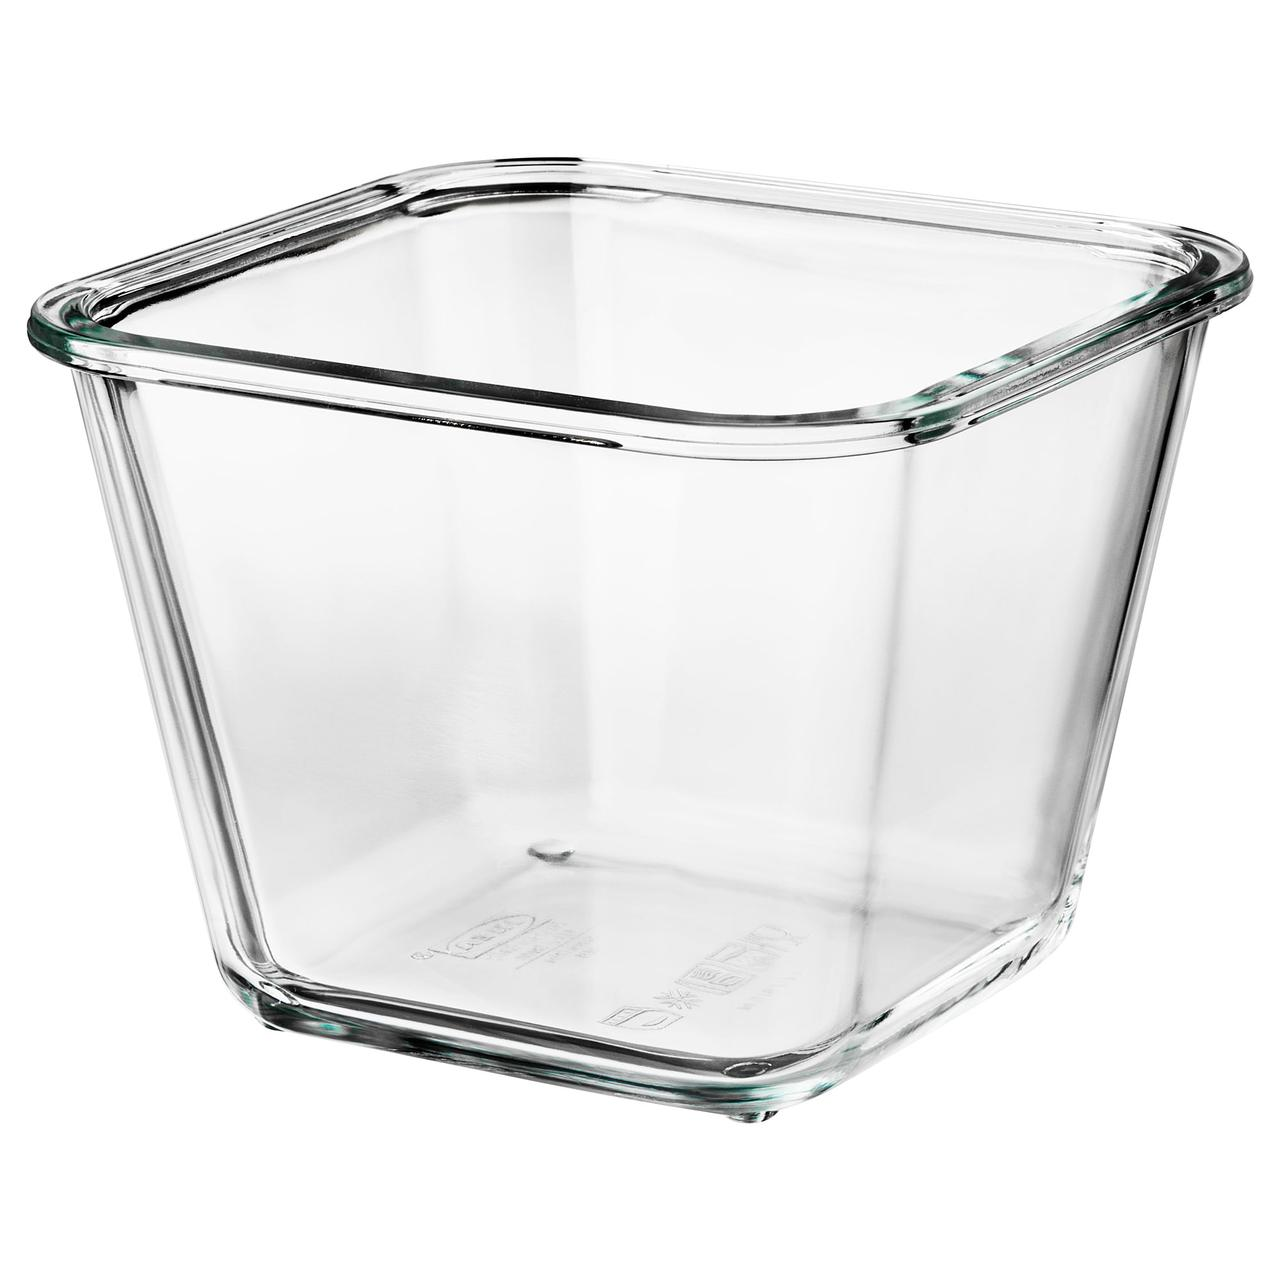 """IKEA """"ИКЕА/365+"""" Контейнер для продуктов, четырехугольной формы, стекло 1,2 л"""